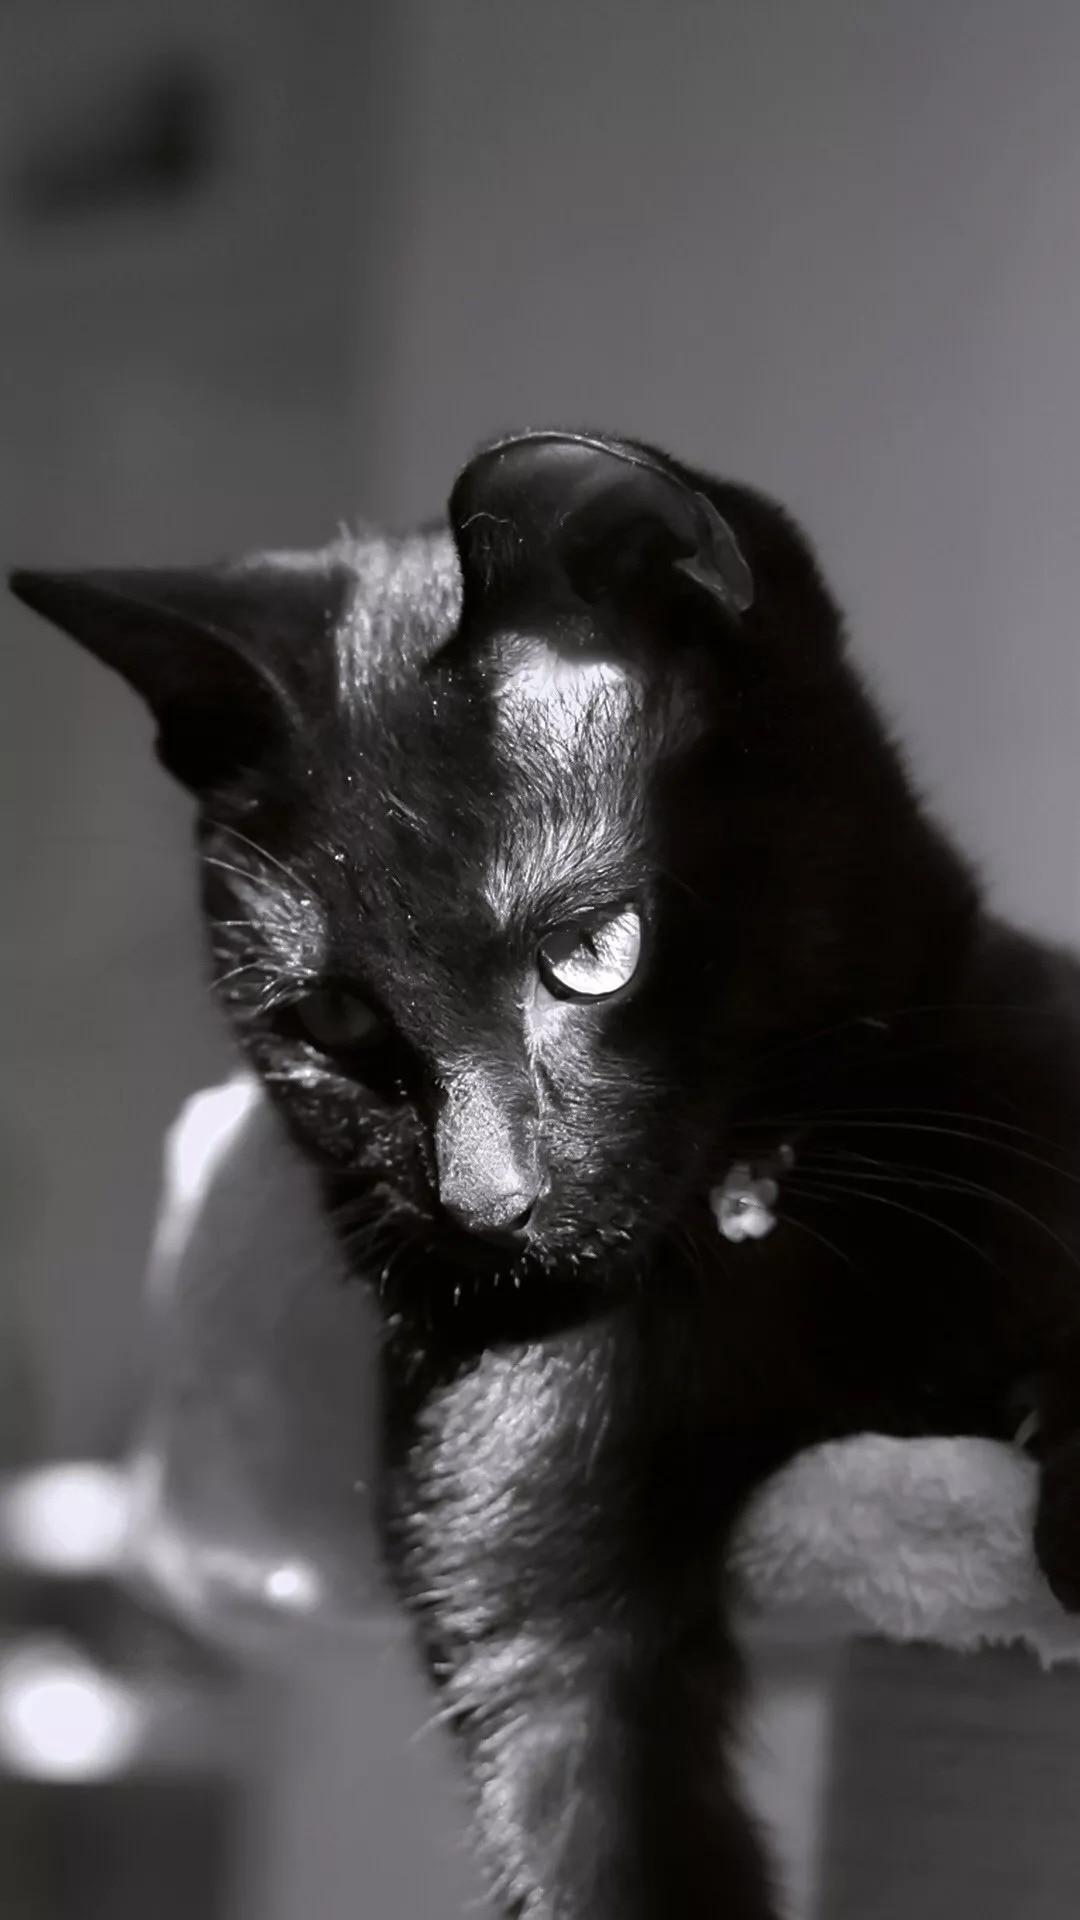 猫片壁纸:猫咪(黑猫图片)插图11